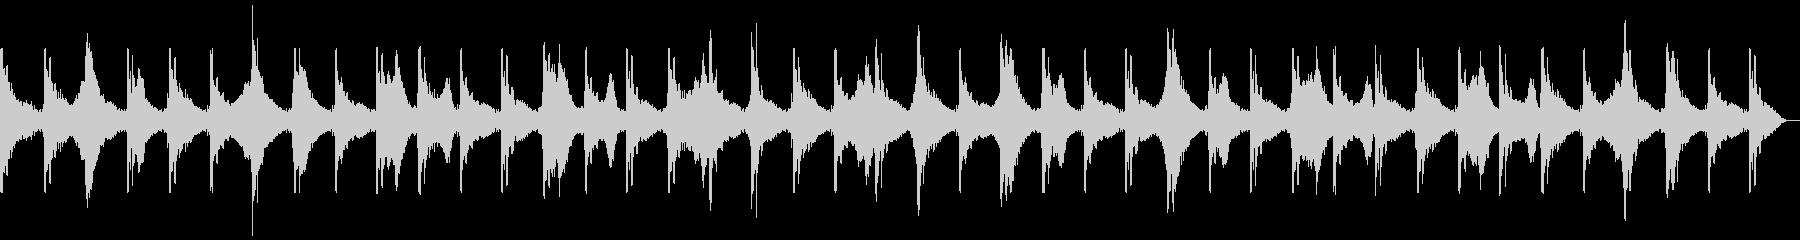 緊迫・洞窟・シリアス・SE2の未再生の波形